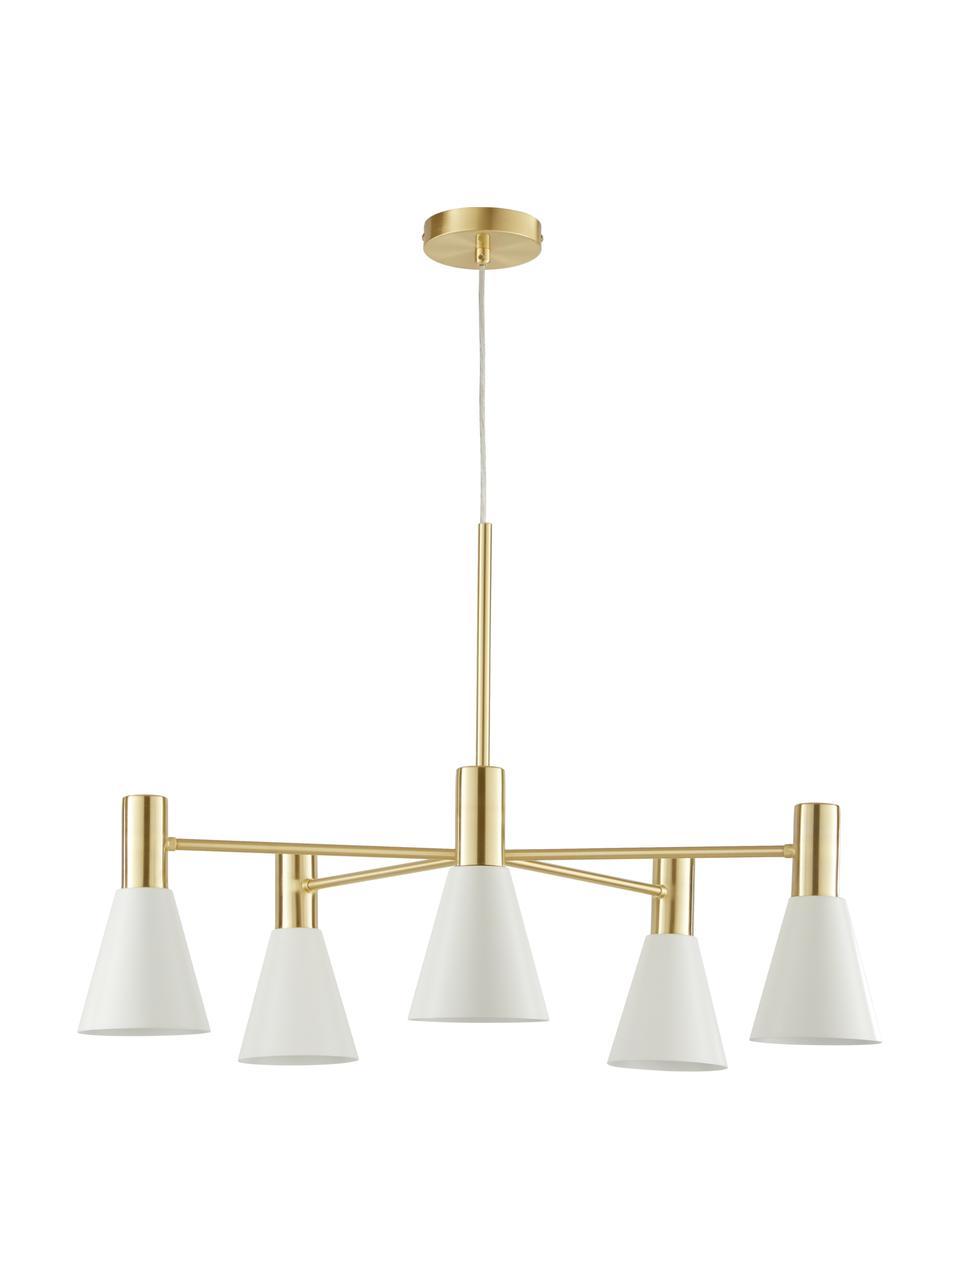 Lampa wisząca z metalu Sia, Klosz: biały, matowy Osłona mocowania sufitowego i stelaż lampy: mosiądz szczotk, Ø 75 x W 14 cm